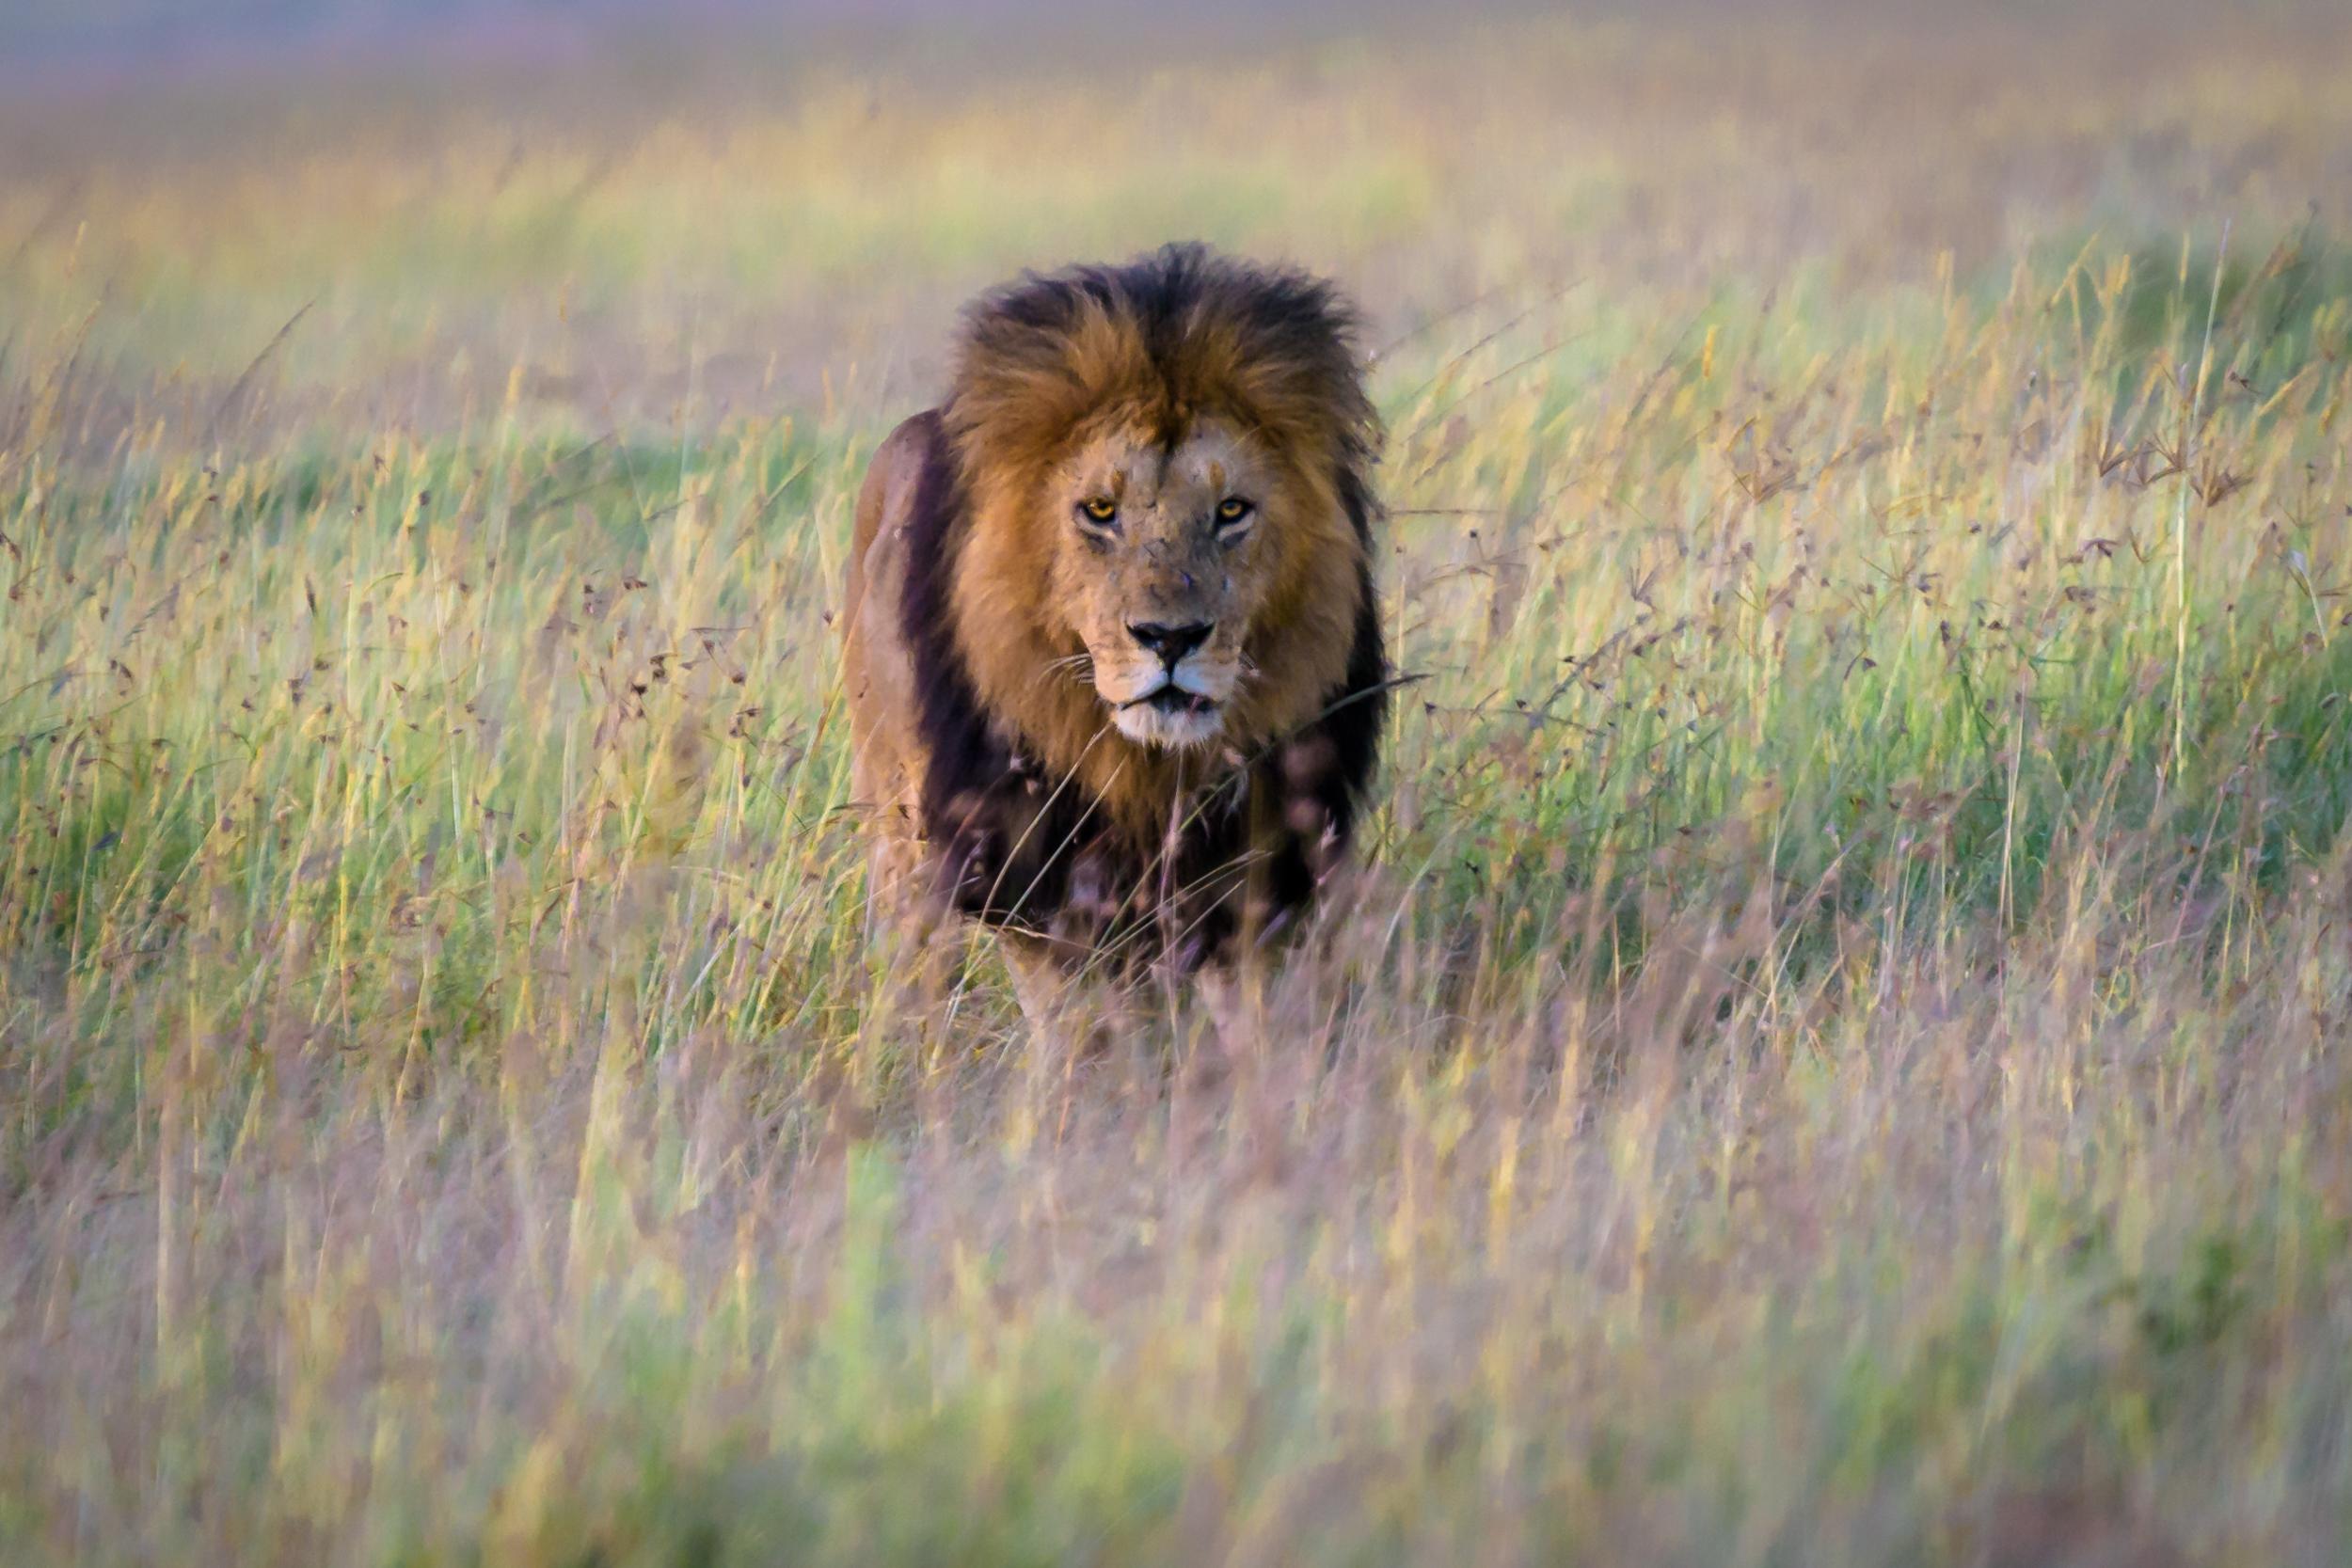 A male lion walks through the tall grass in the Maasai Mara, Kenya